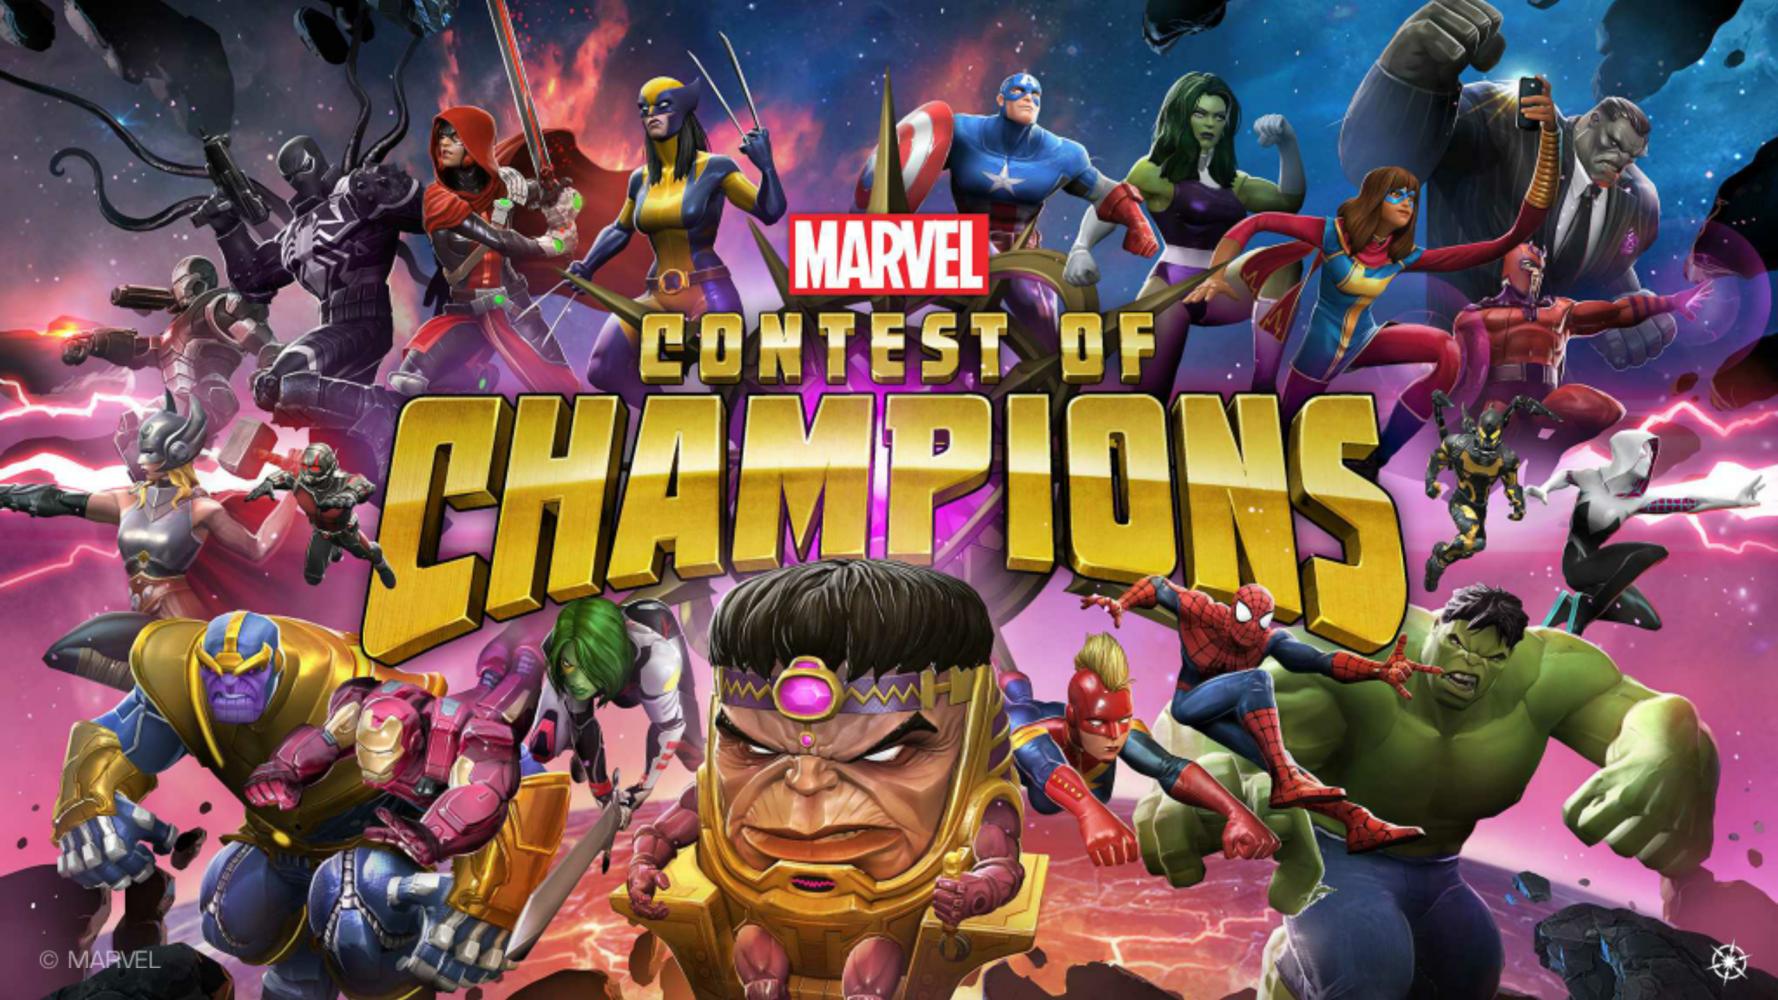 Marvel Contest of Championscon ilimitado puntos